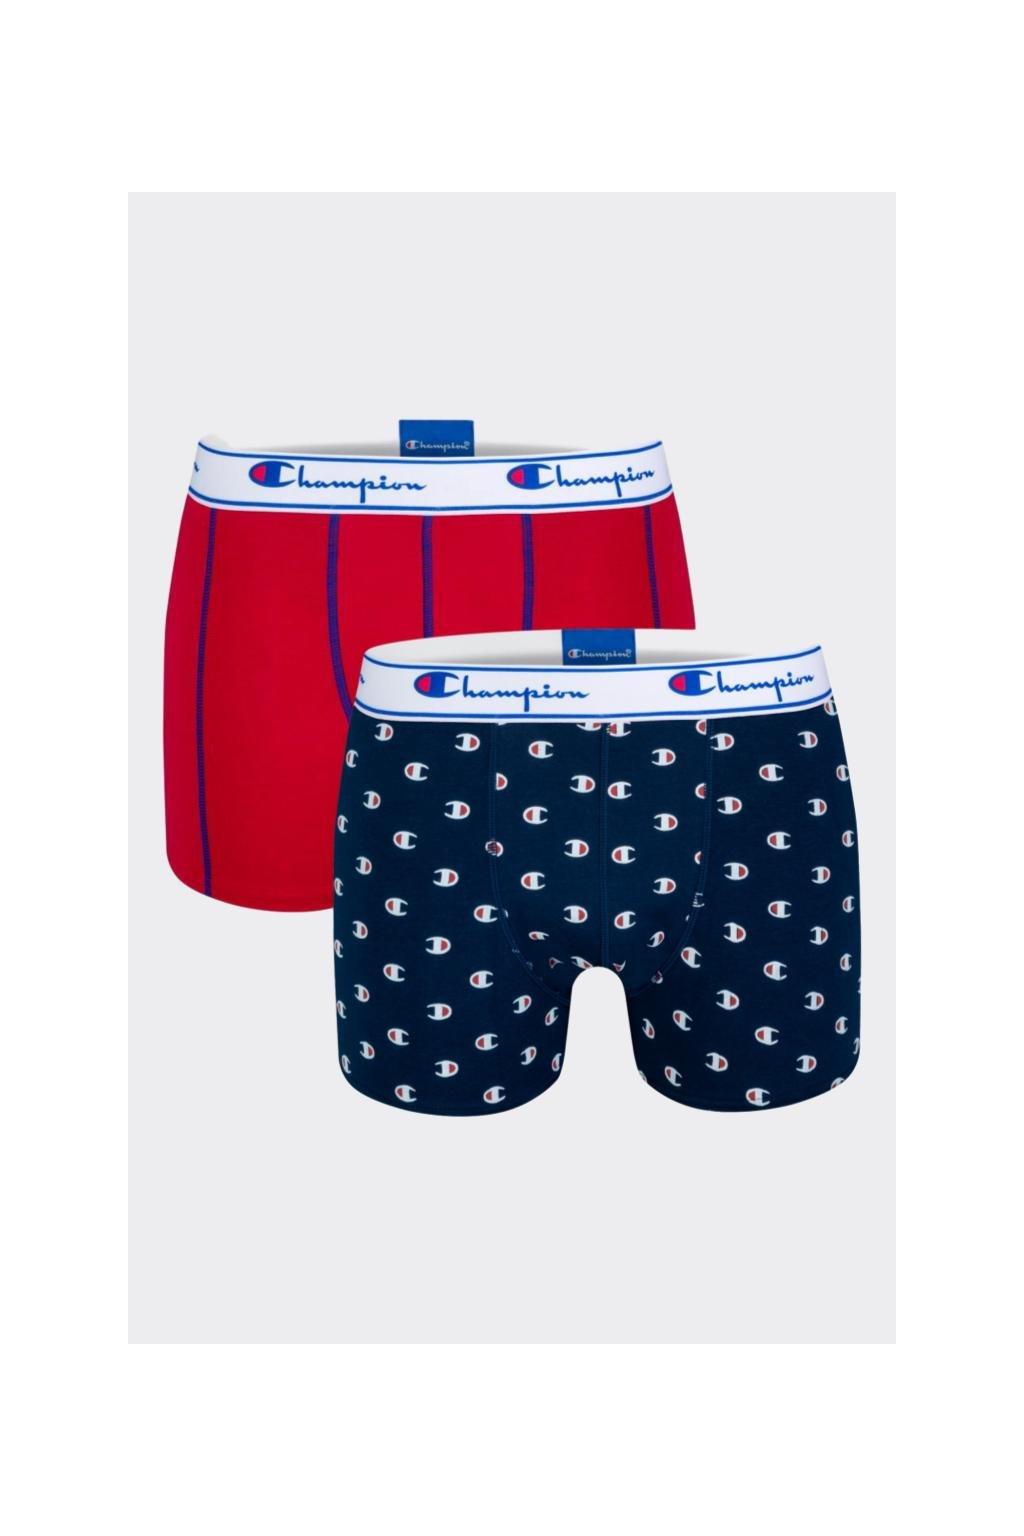 Champion boxerky 2-balení - navy/red